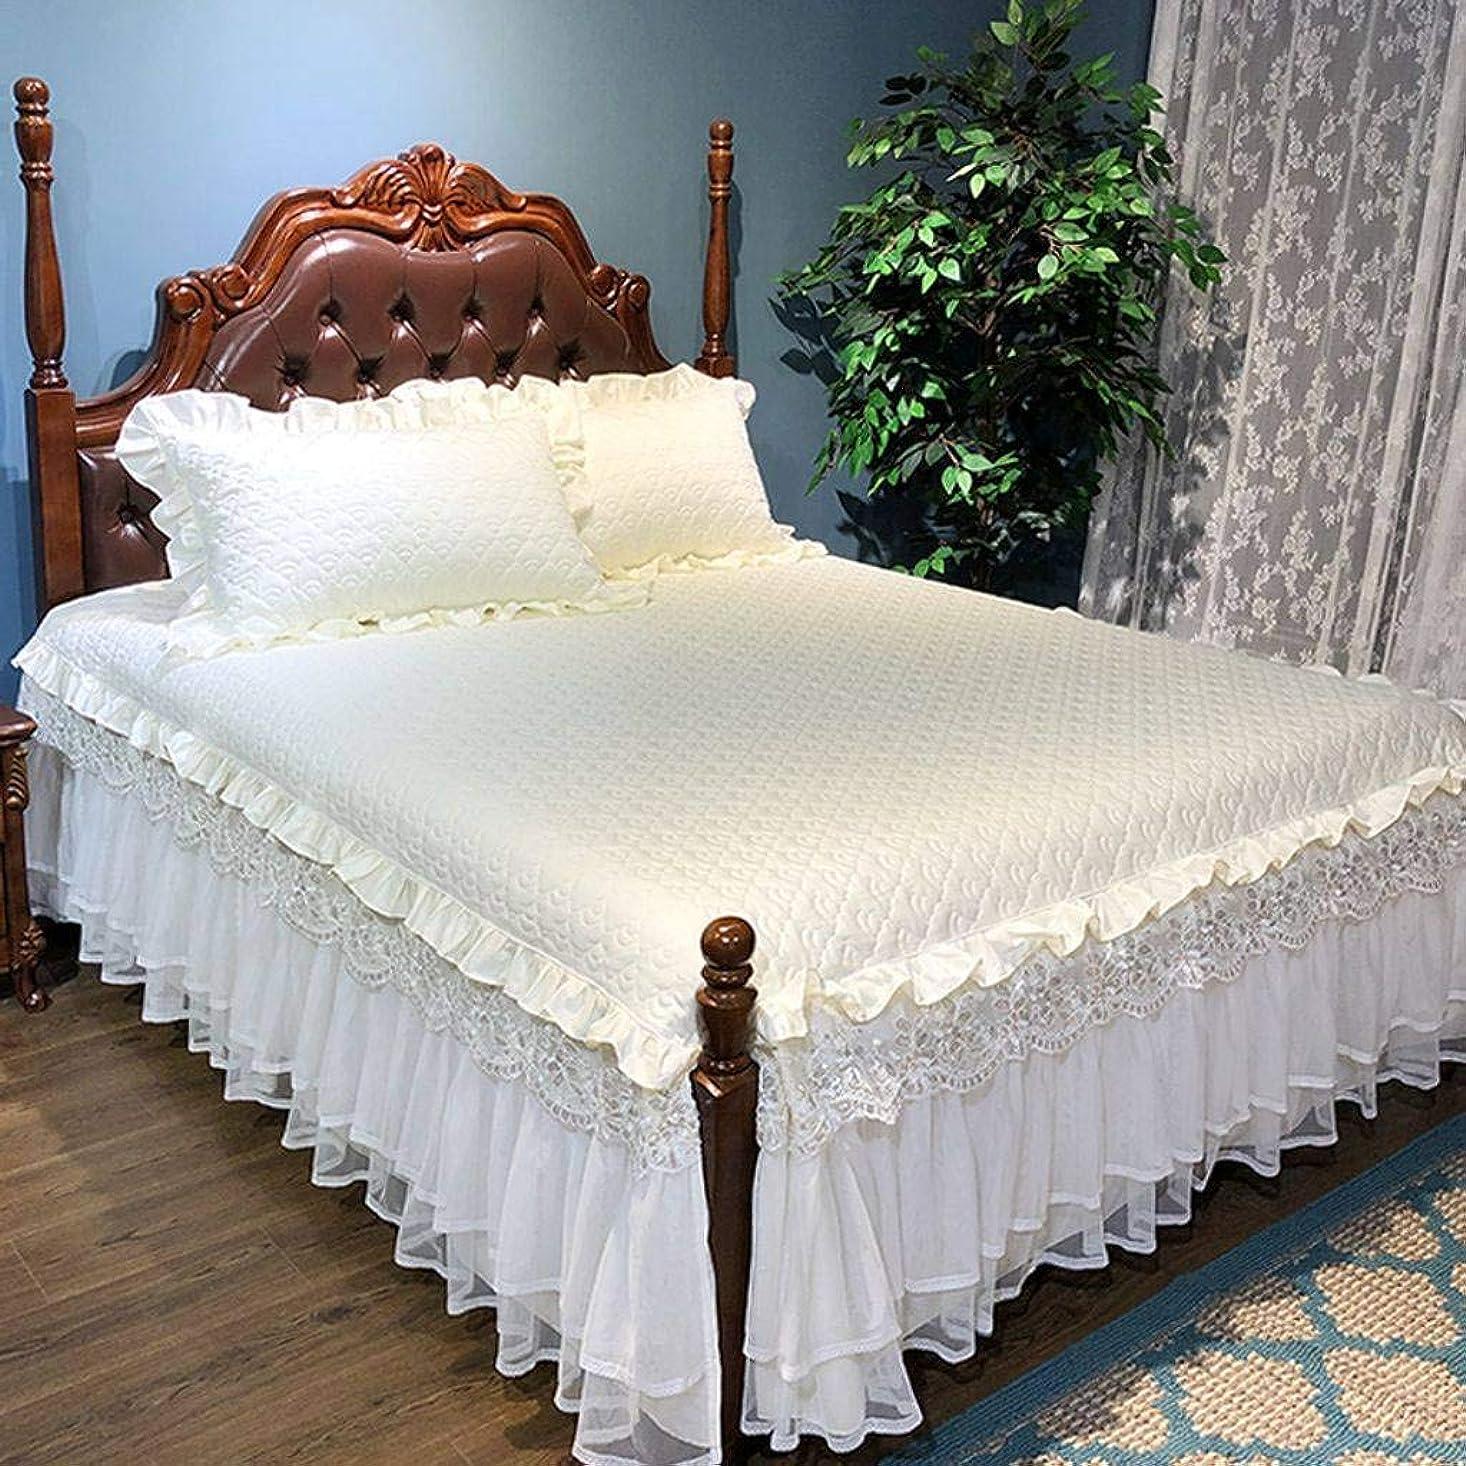 離れて暴君部QXJR 綿 レース製,フリル ベッドスカート,ストレッチ ベッドスカート,ベッドスプレッド ベッド用品 綿 綿-キルティングコットン-150×200